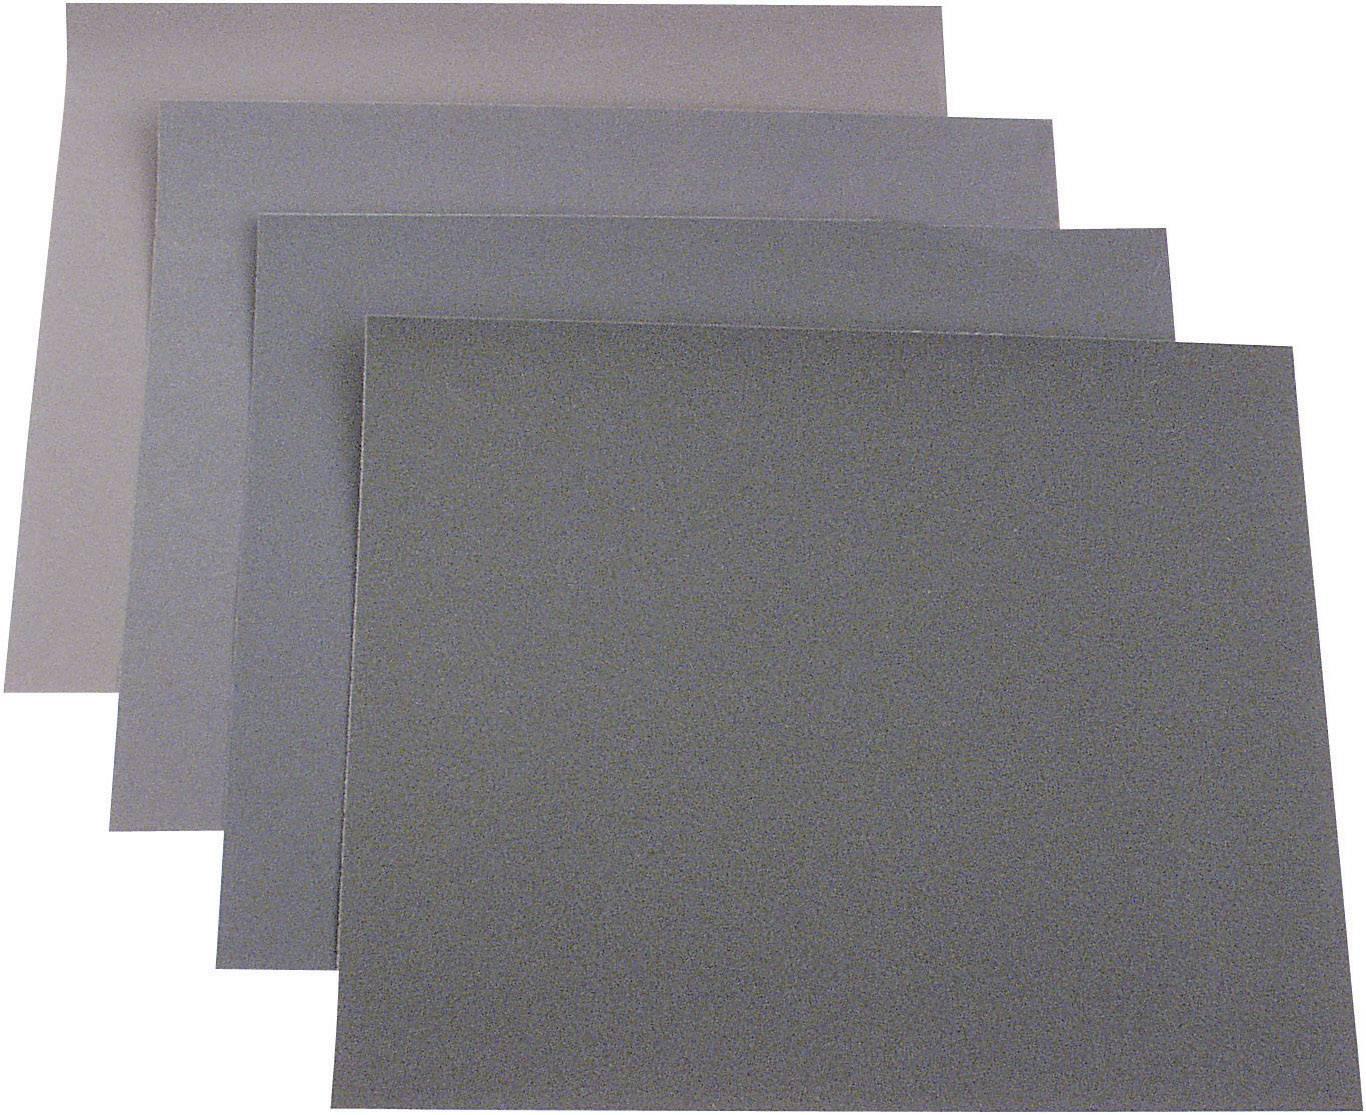 Sada ručného brúsneho papiera 812319 zrnitosť 60, 80, 150, 180, (d x š) 280 mm x 230 mm, 20 ks